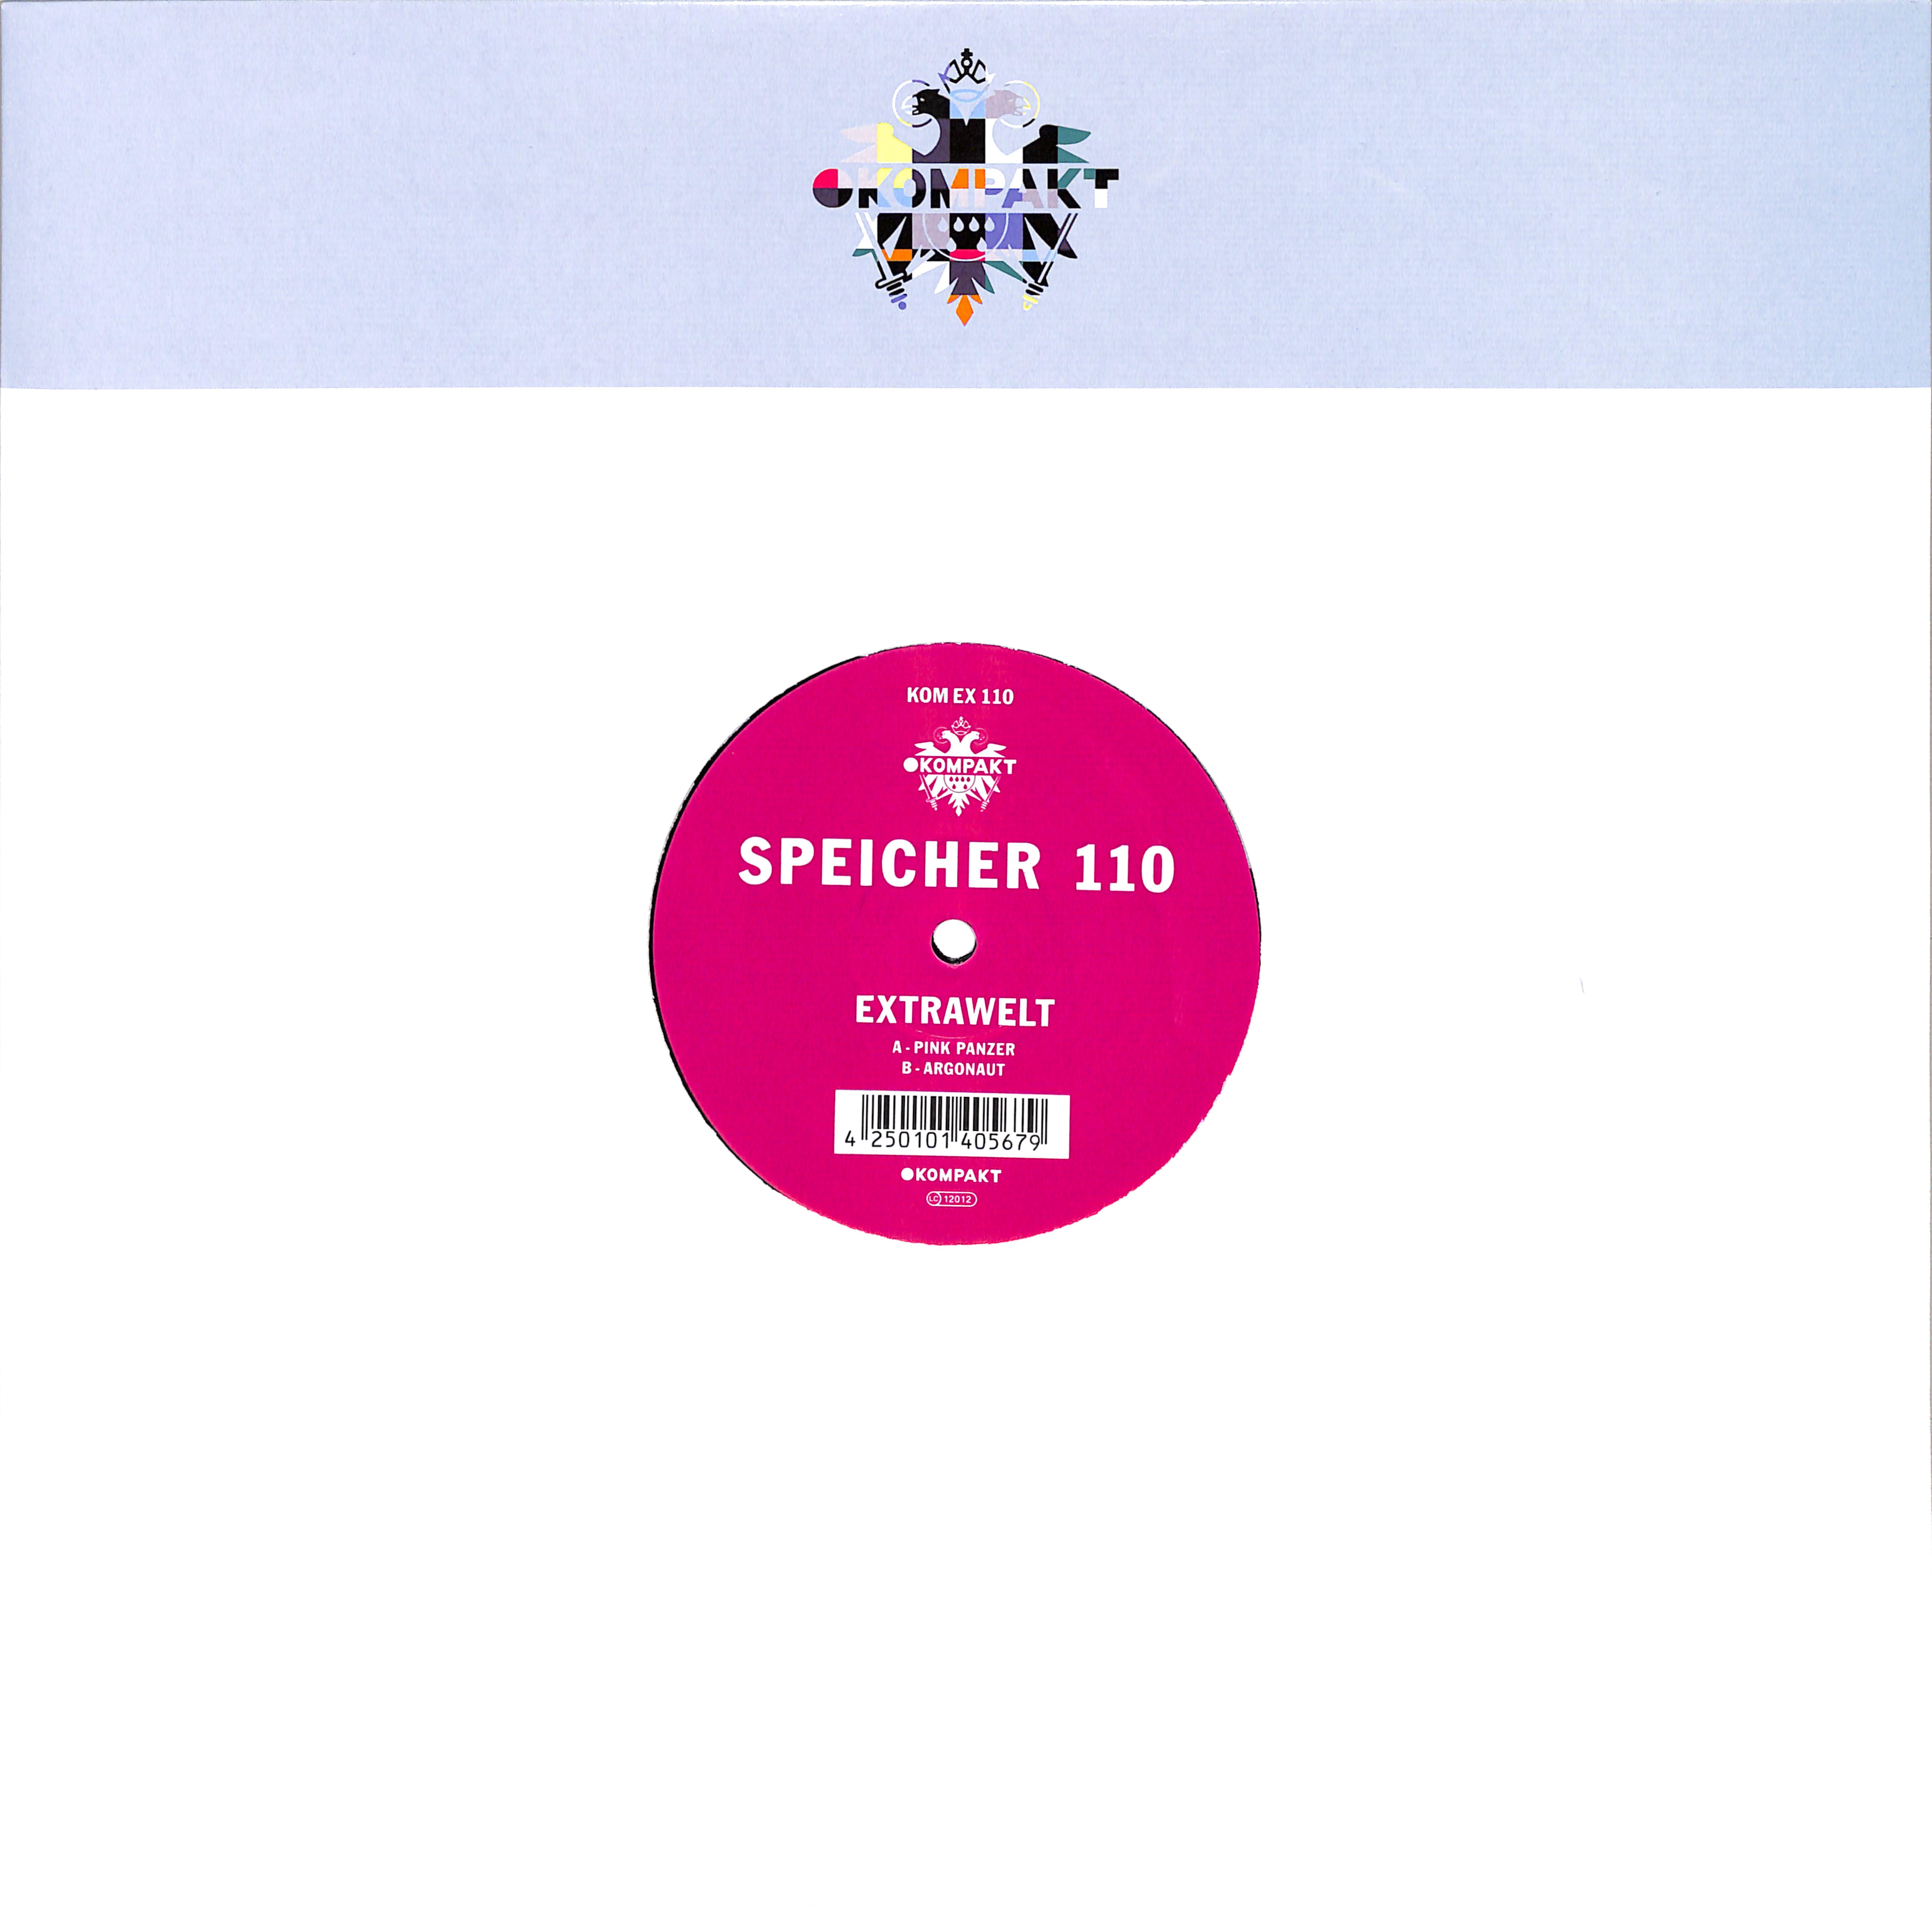 Extrawelt - SPEICHER 110